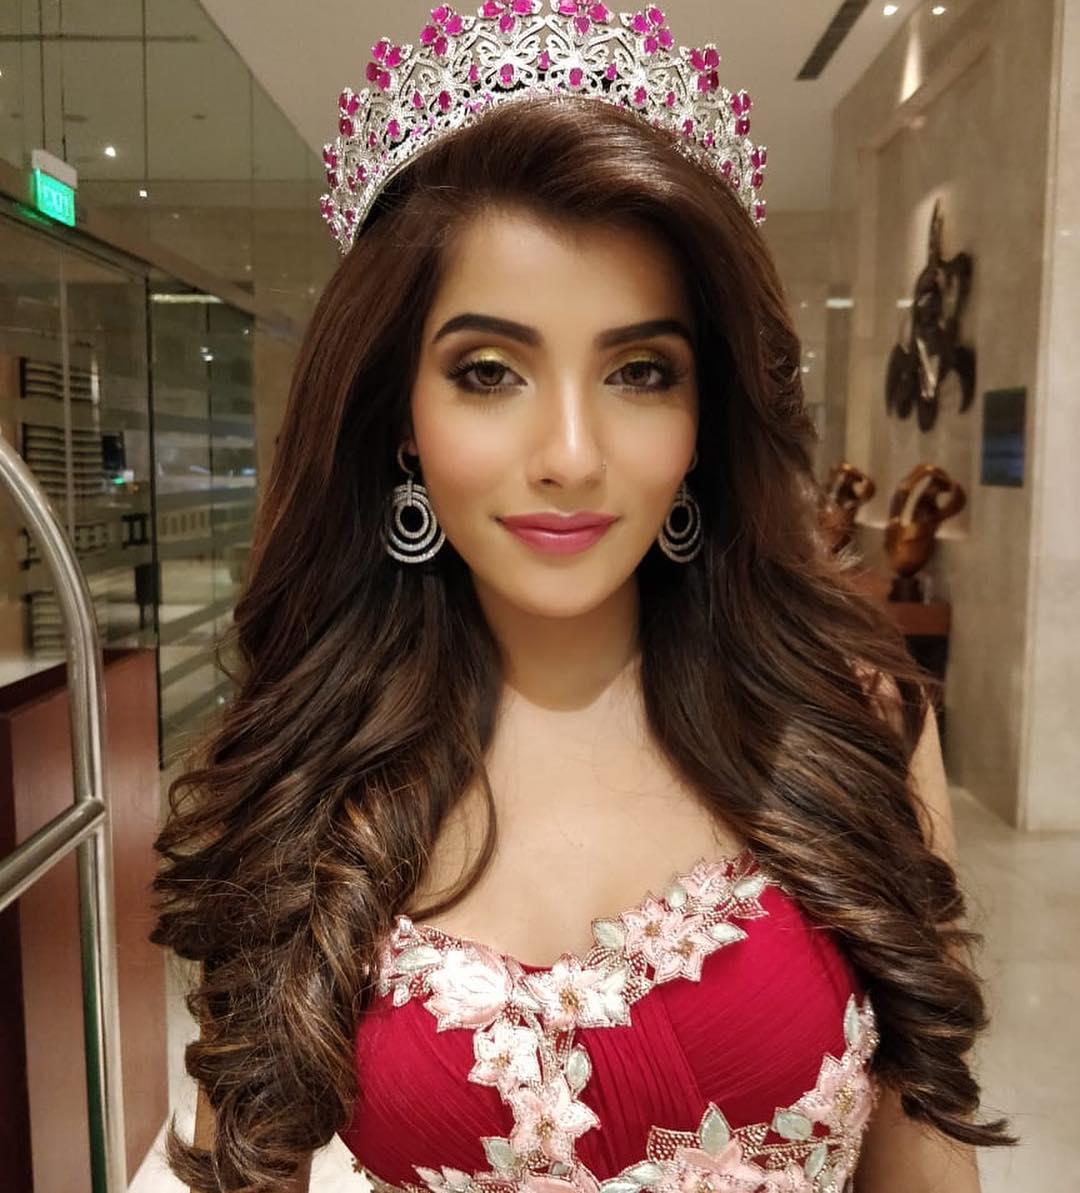 अदिती ही मॉडेल असून तिनं मिस इंडिया दिवाचा किताब जिंकला आहे. तसेच तिन मिस सुपर नॅशनल 2018 साठी भारताचं प्रतिनिधित्त्व सुद्धा केलं होतं.